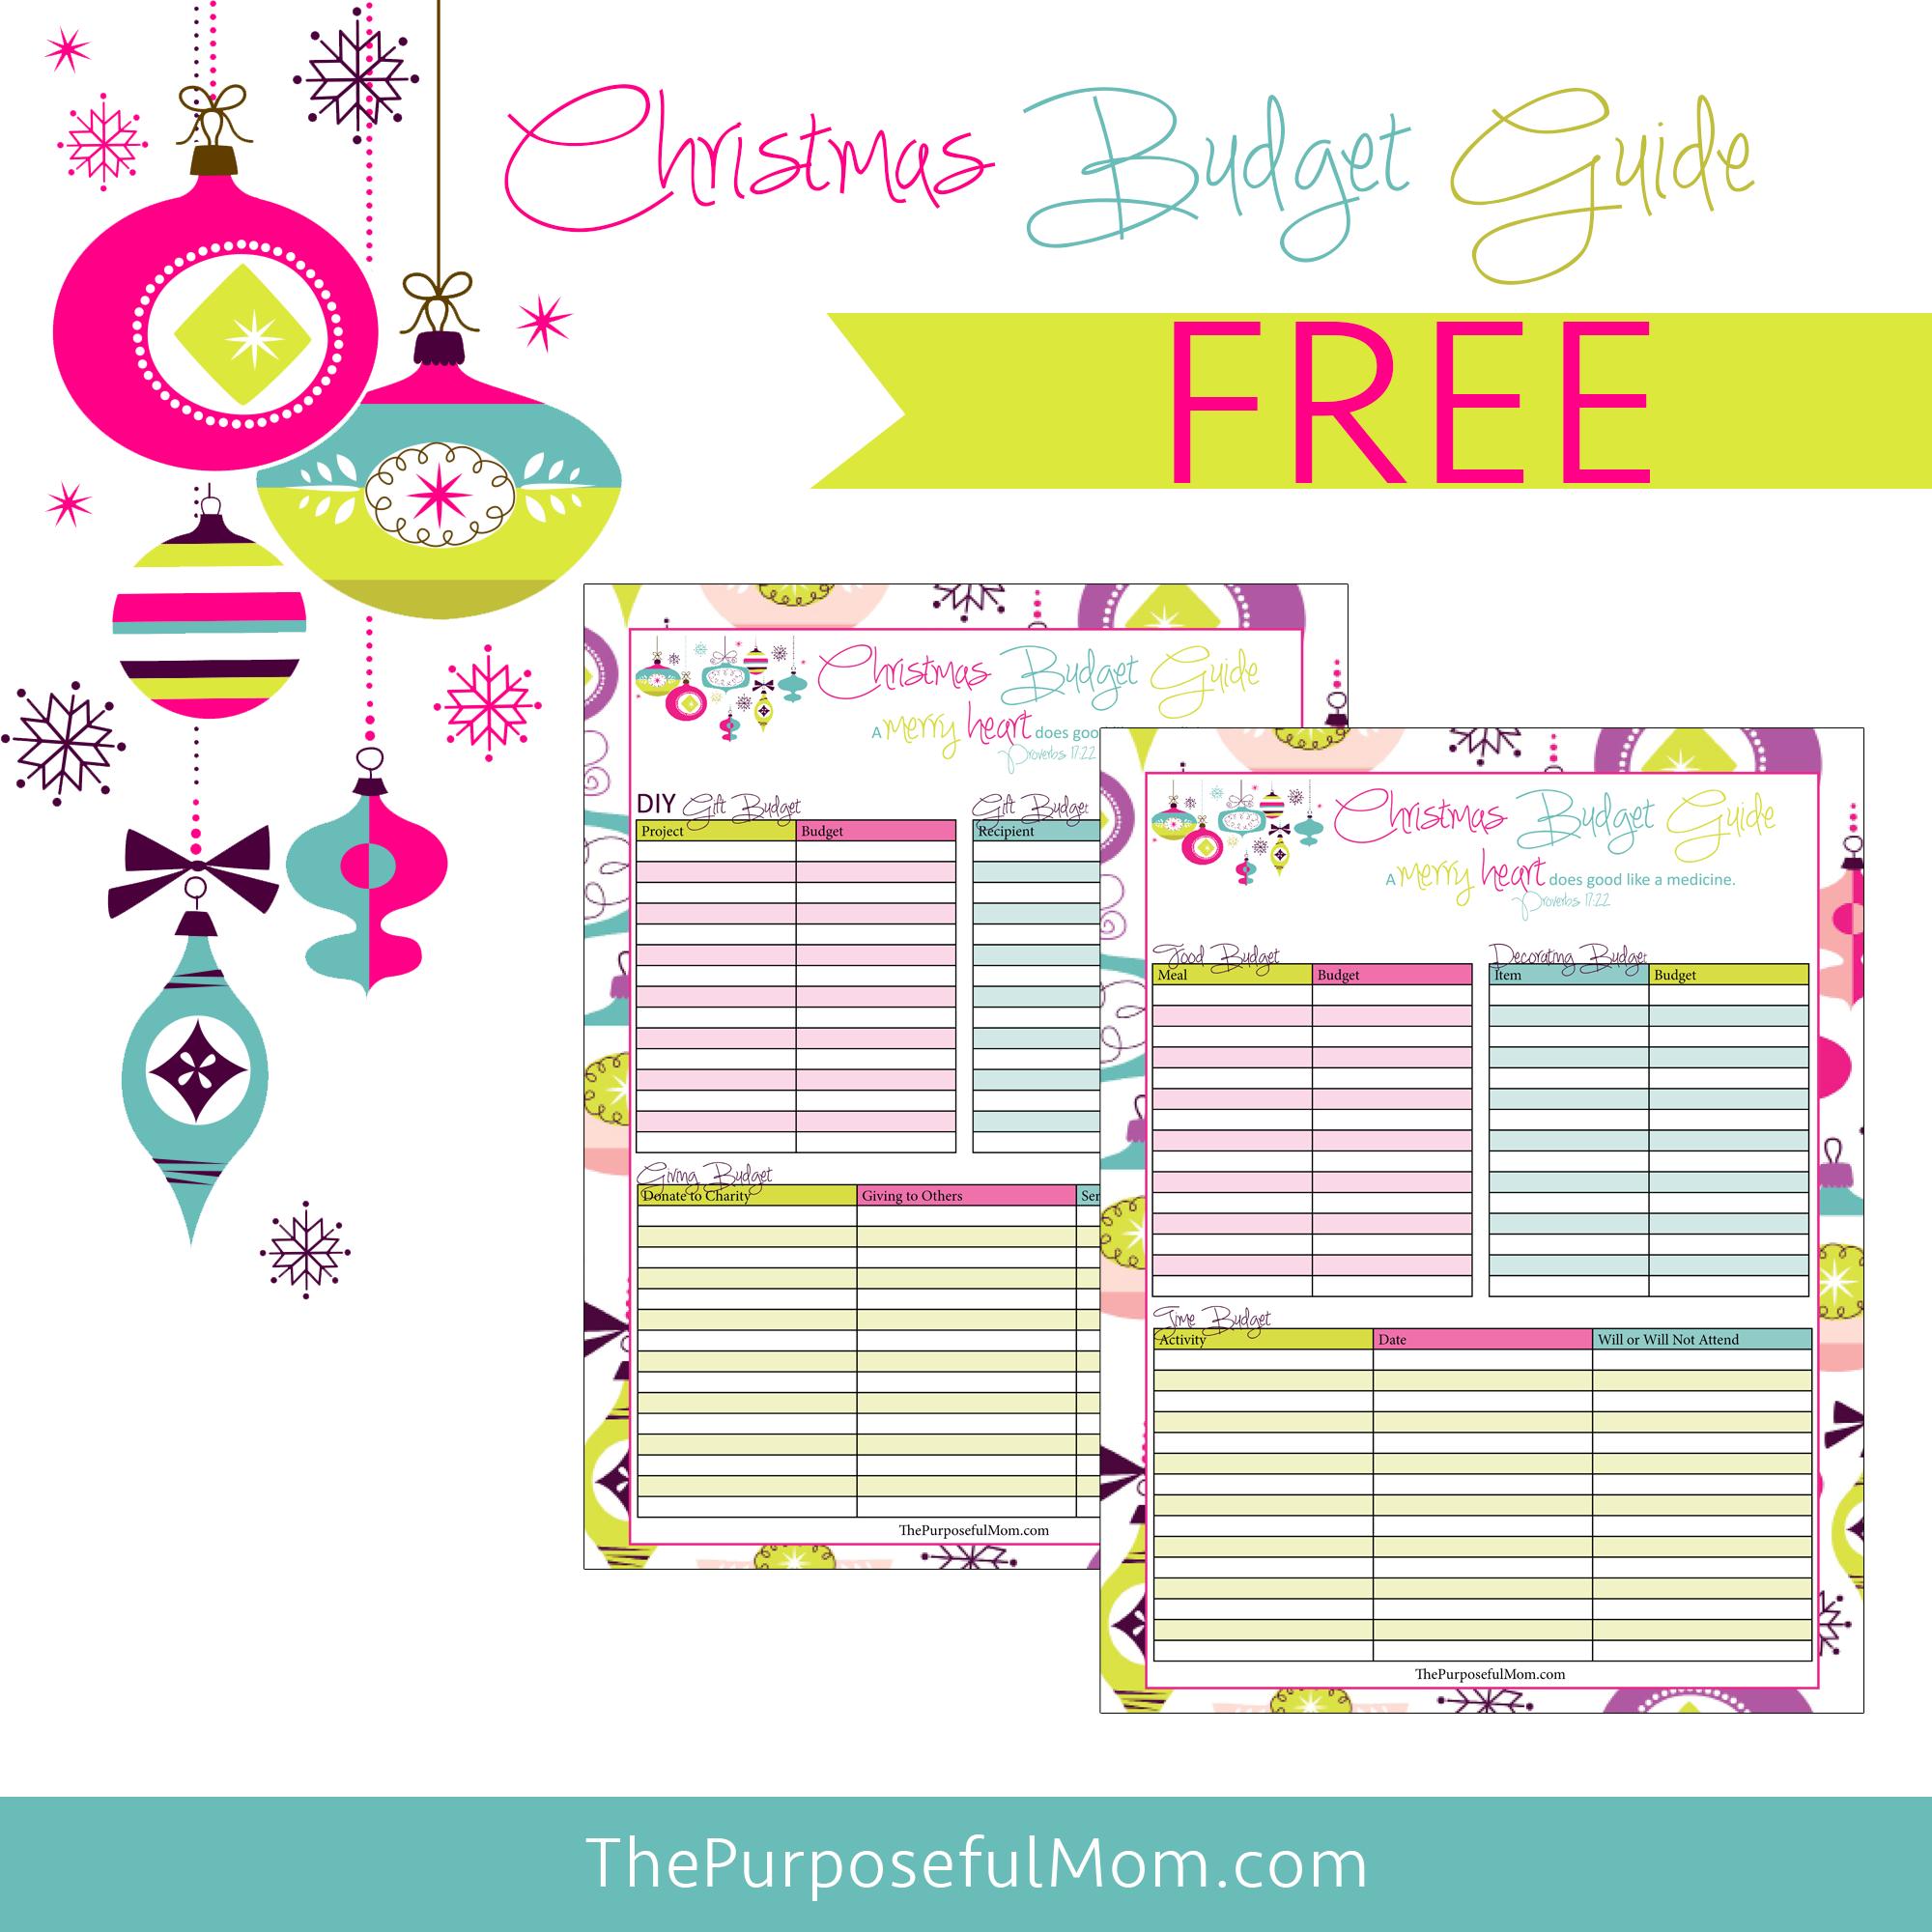 Free Printable Christmas Budget Planner - The Purposeful Mom